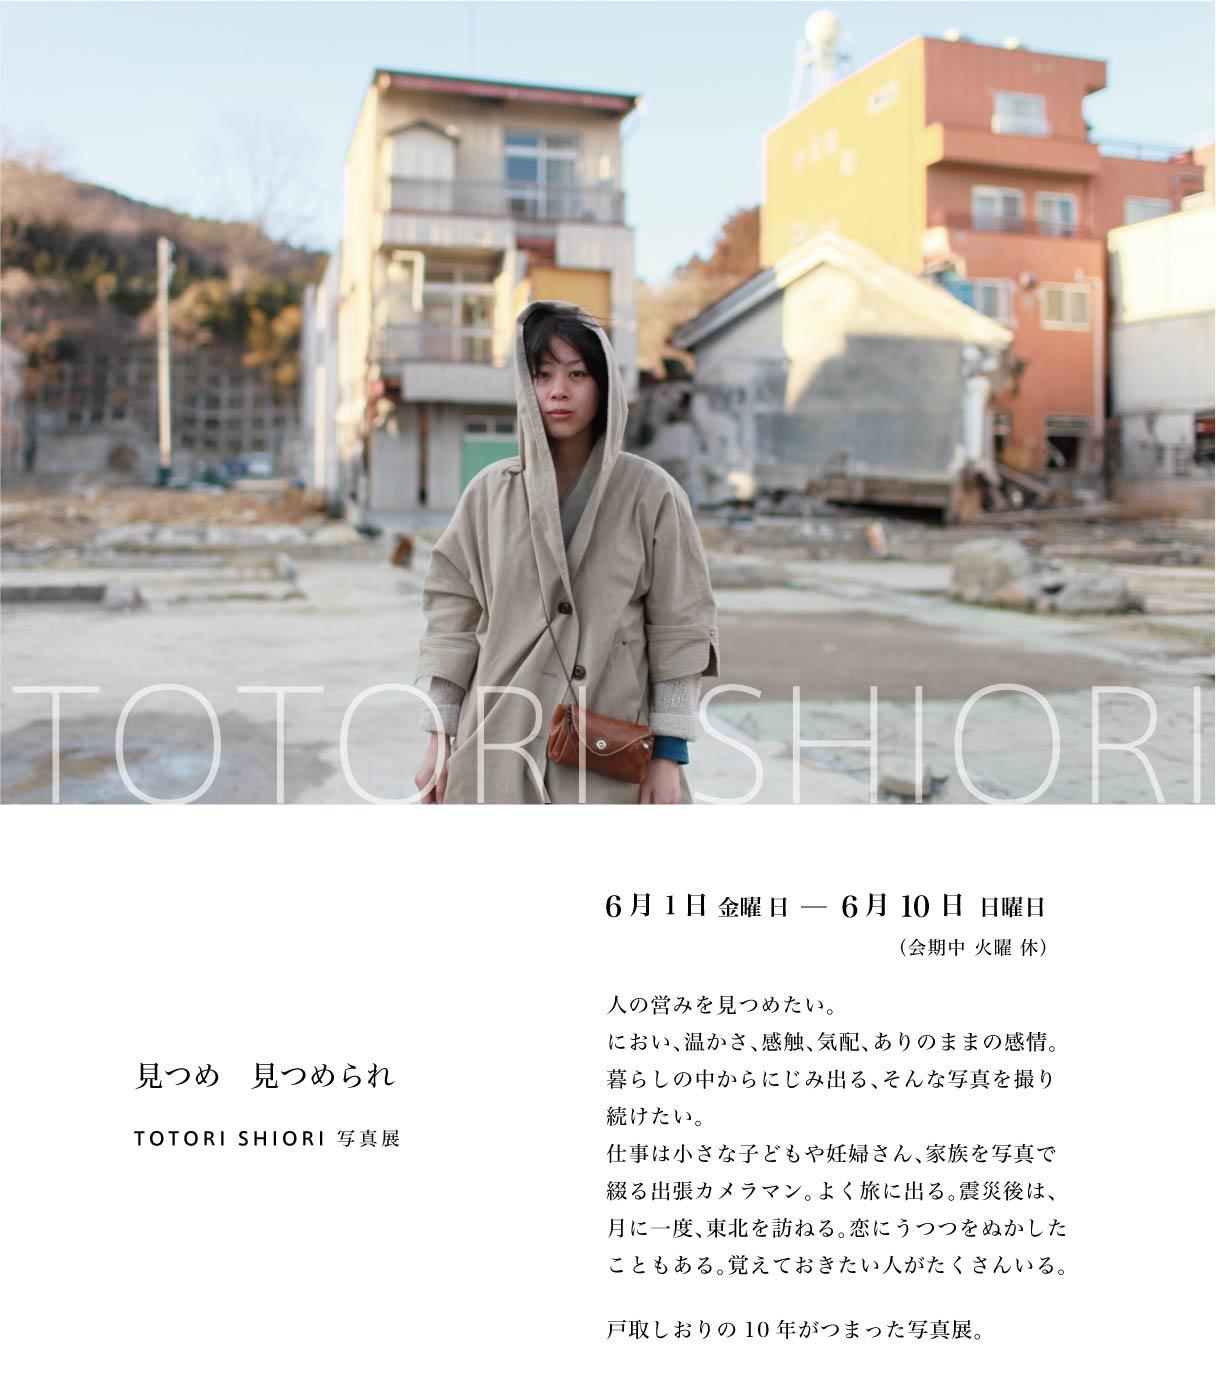 見つめ 見つめられ TOTORI SHIORI 写真展_d0210537_11105412.jpg